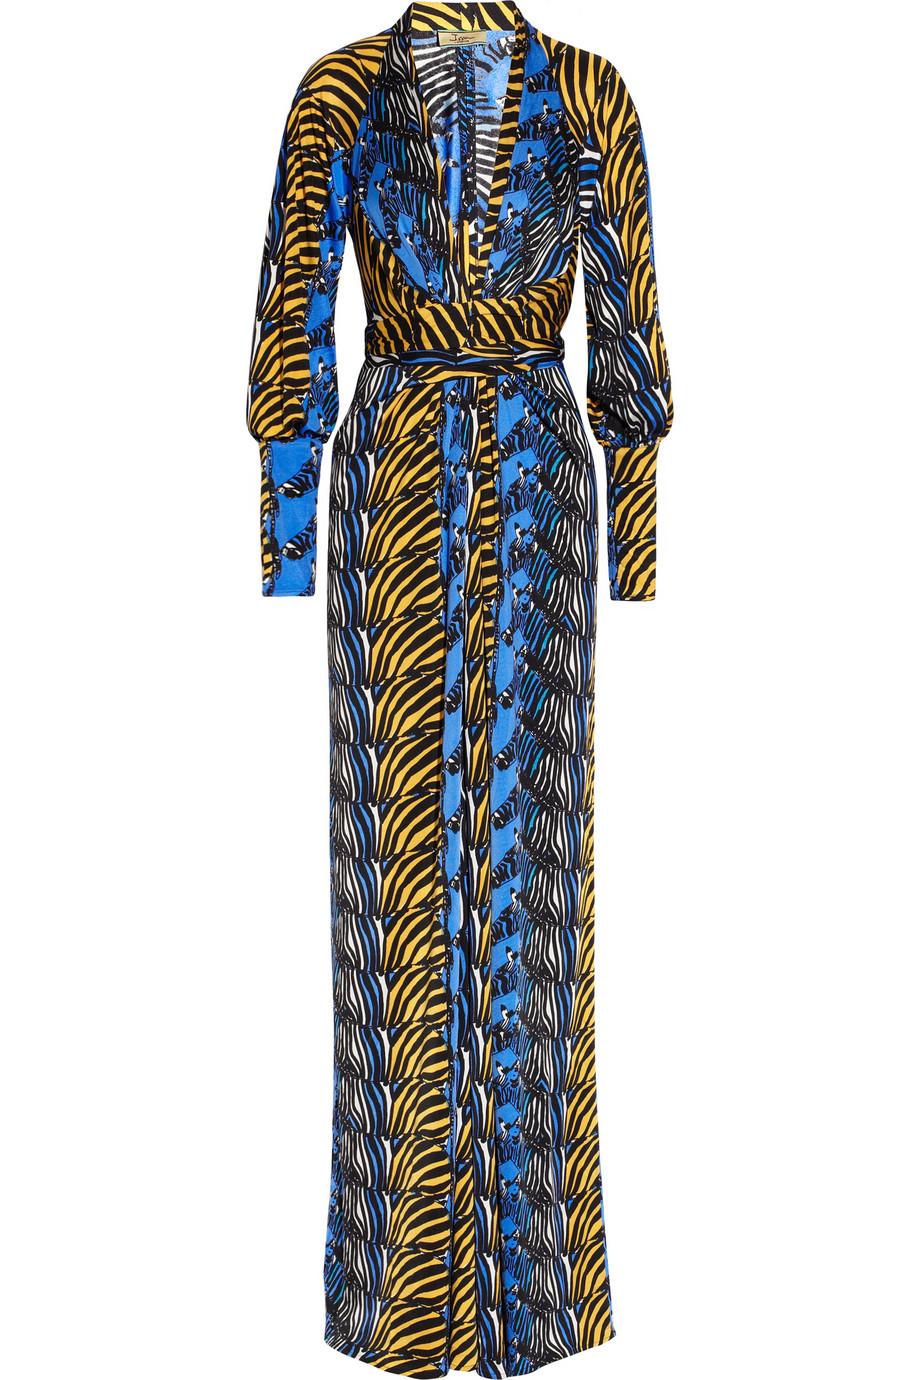 Issa Zebra Print Silk Jersey Maxi Dress In Multicolor